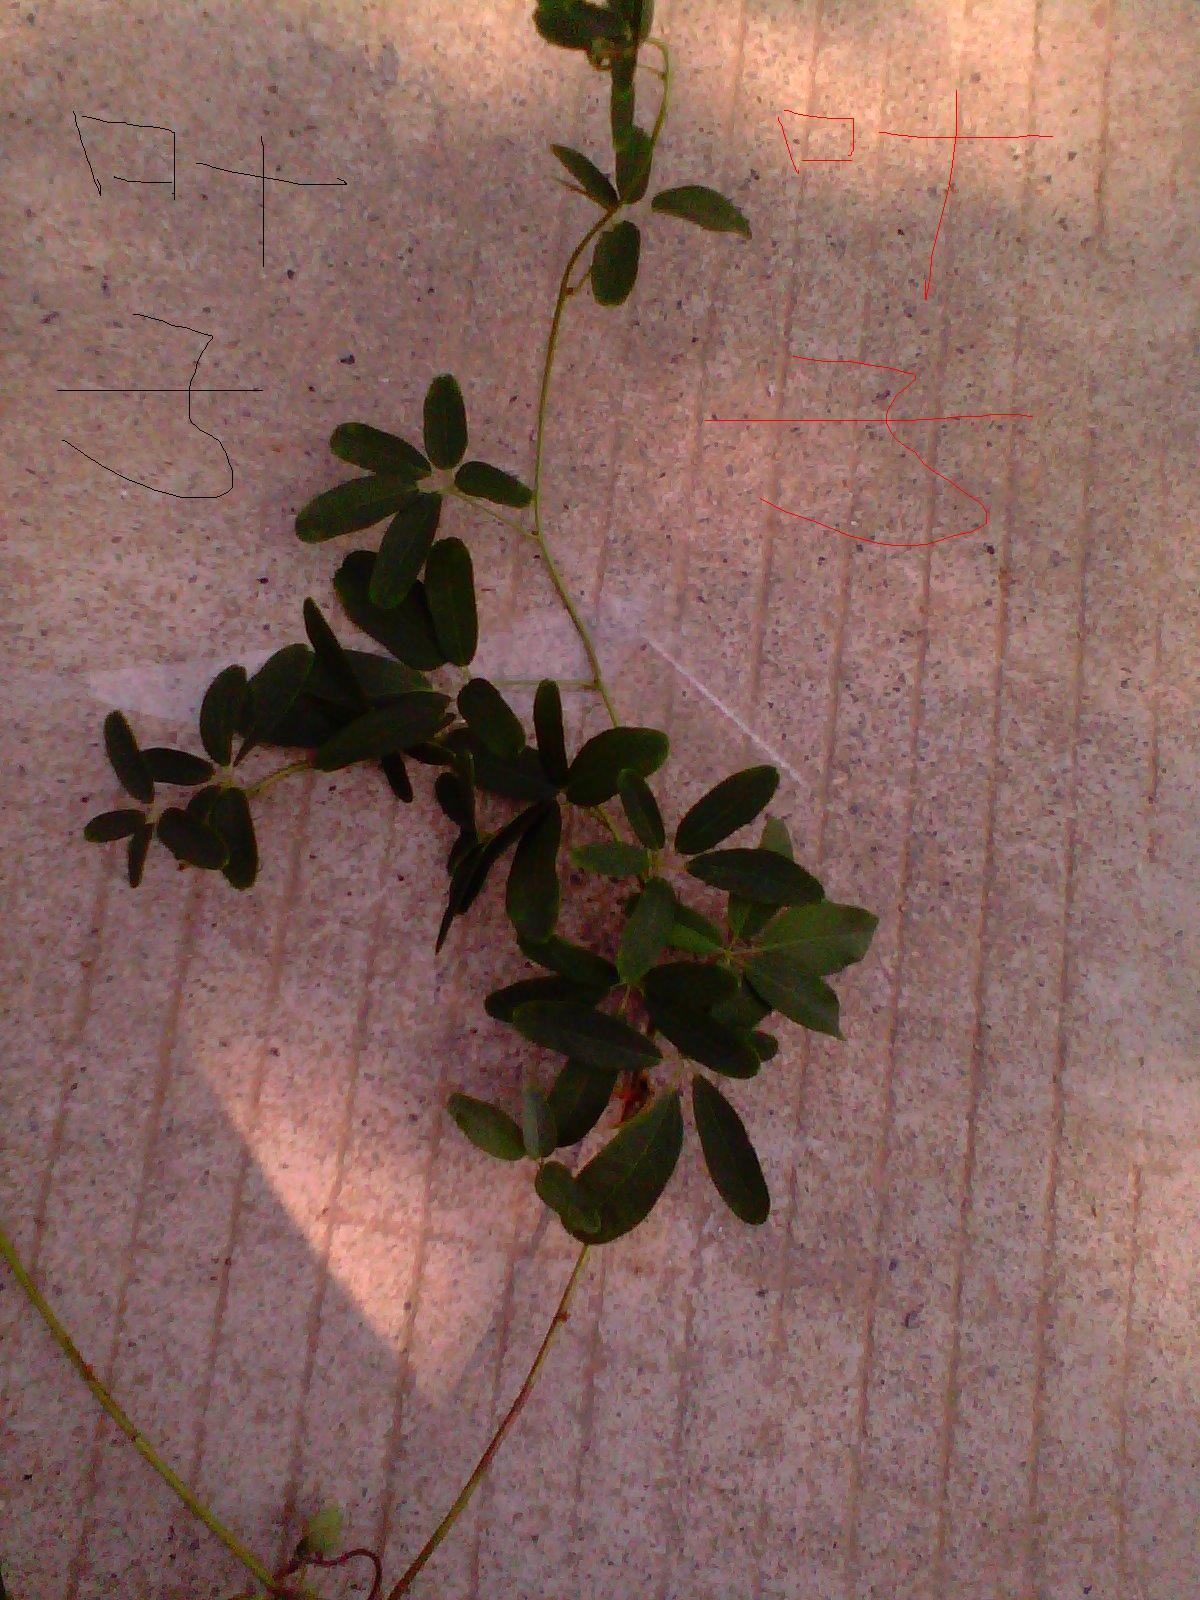 这是什么藤类植物图片?